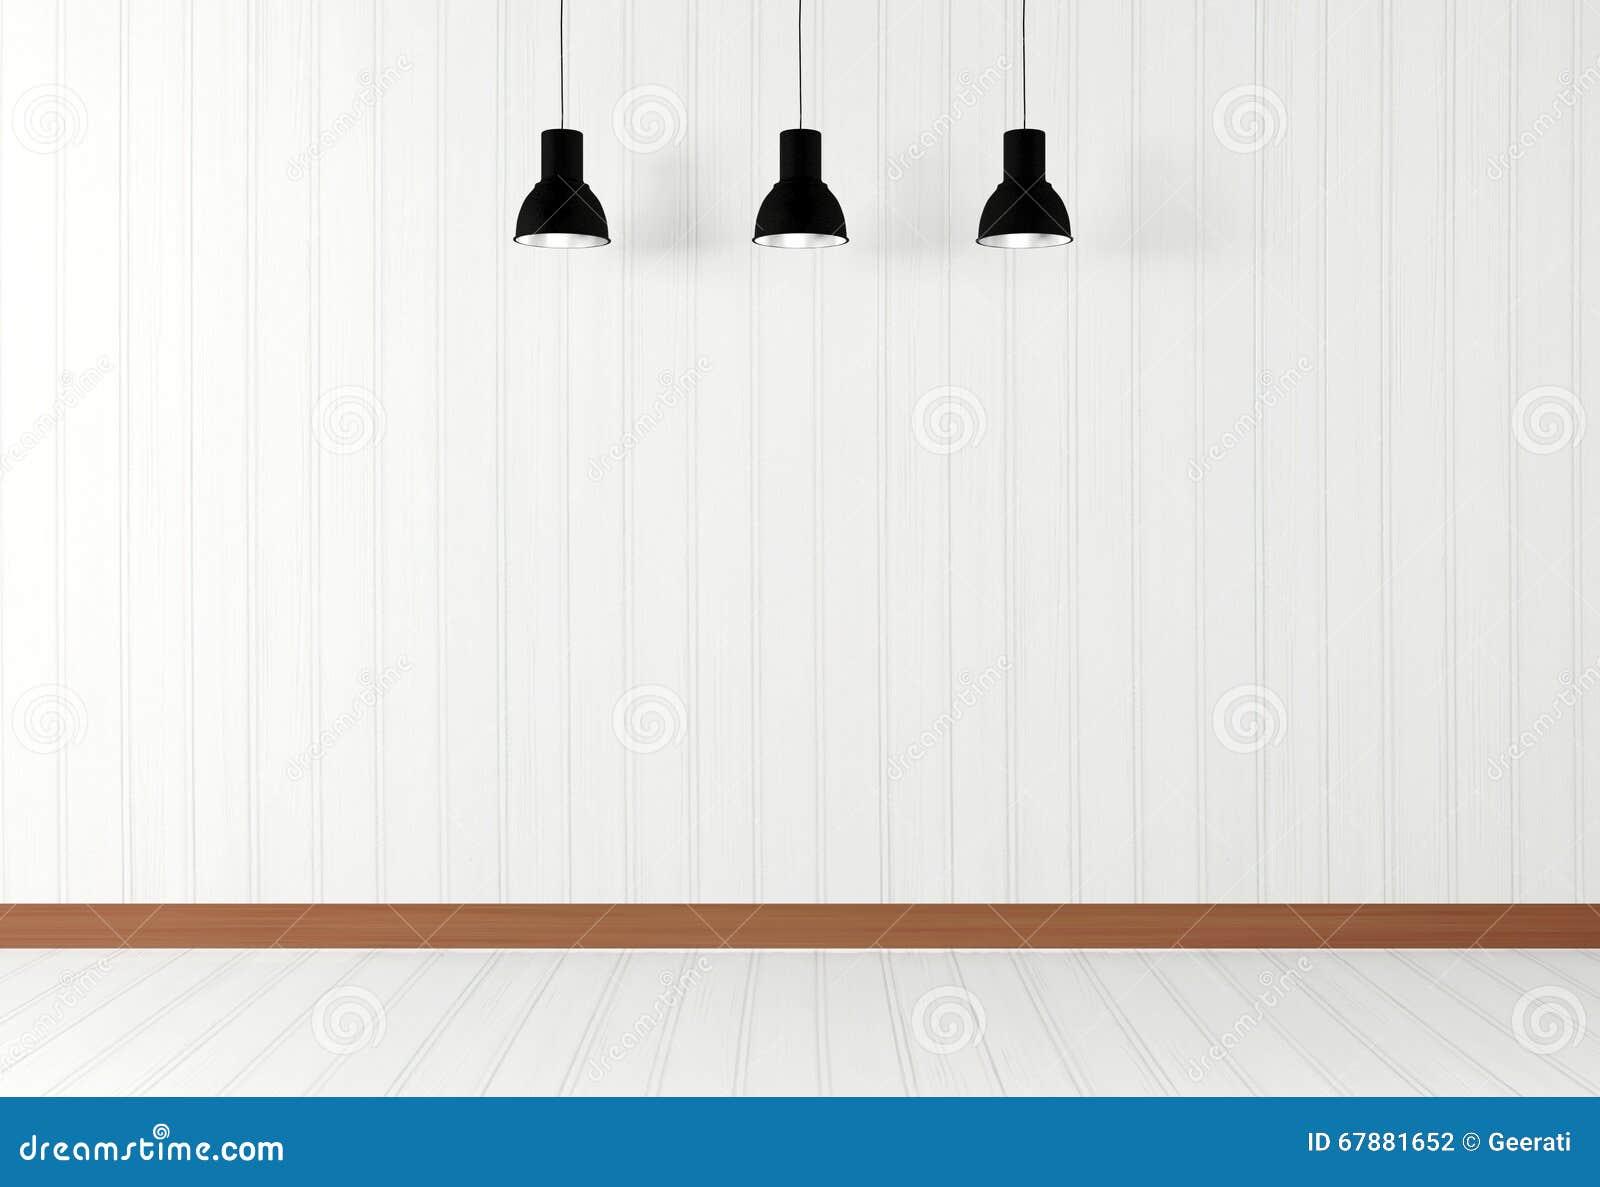 Άσπρο κενό εσωτερικό δωματίων με τους ανώτατους λαμπτήρες